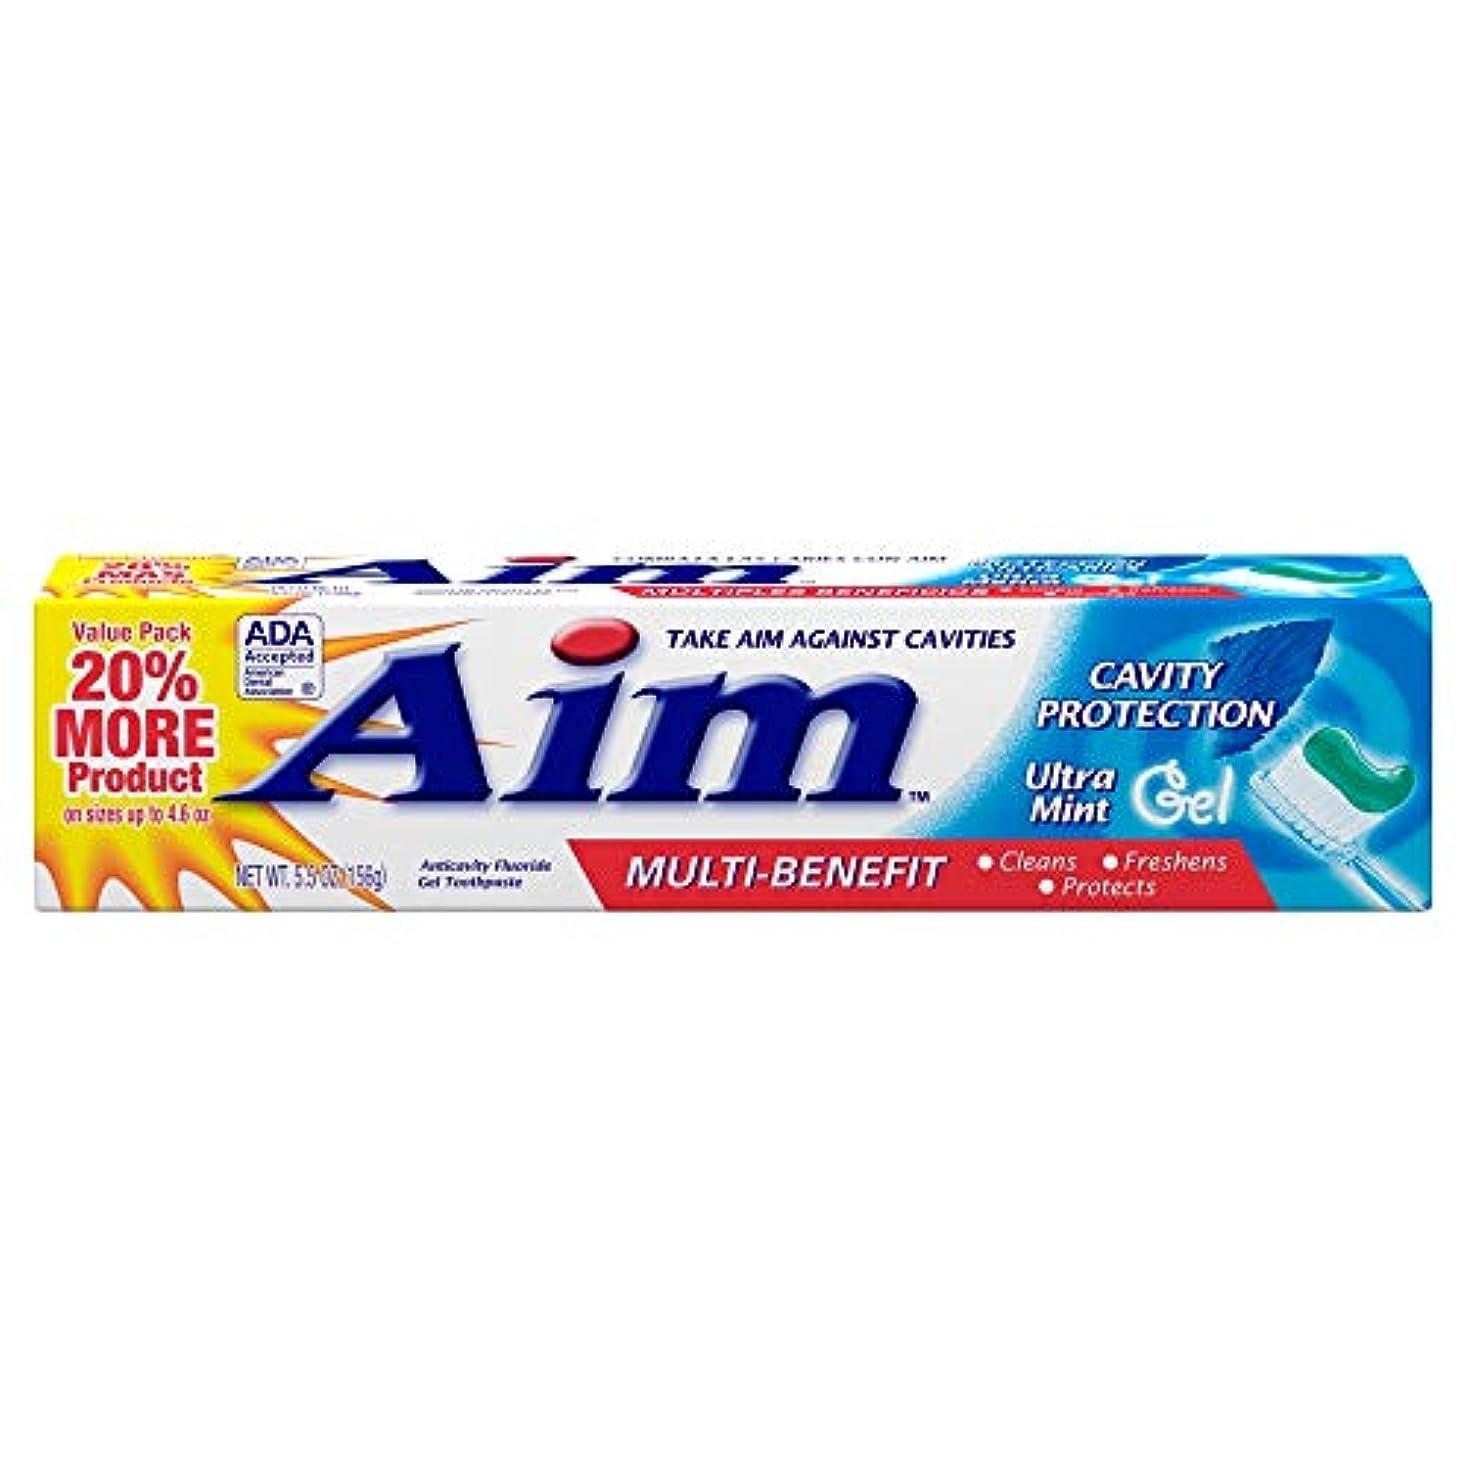 相反する解説お金AIM 空洞保護歯磨きウルトラミントジェル、5.5オンス、4パック 4パック